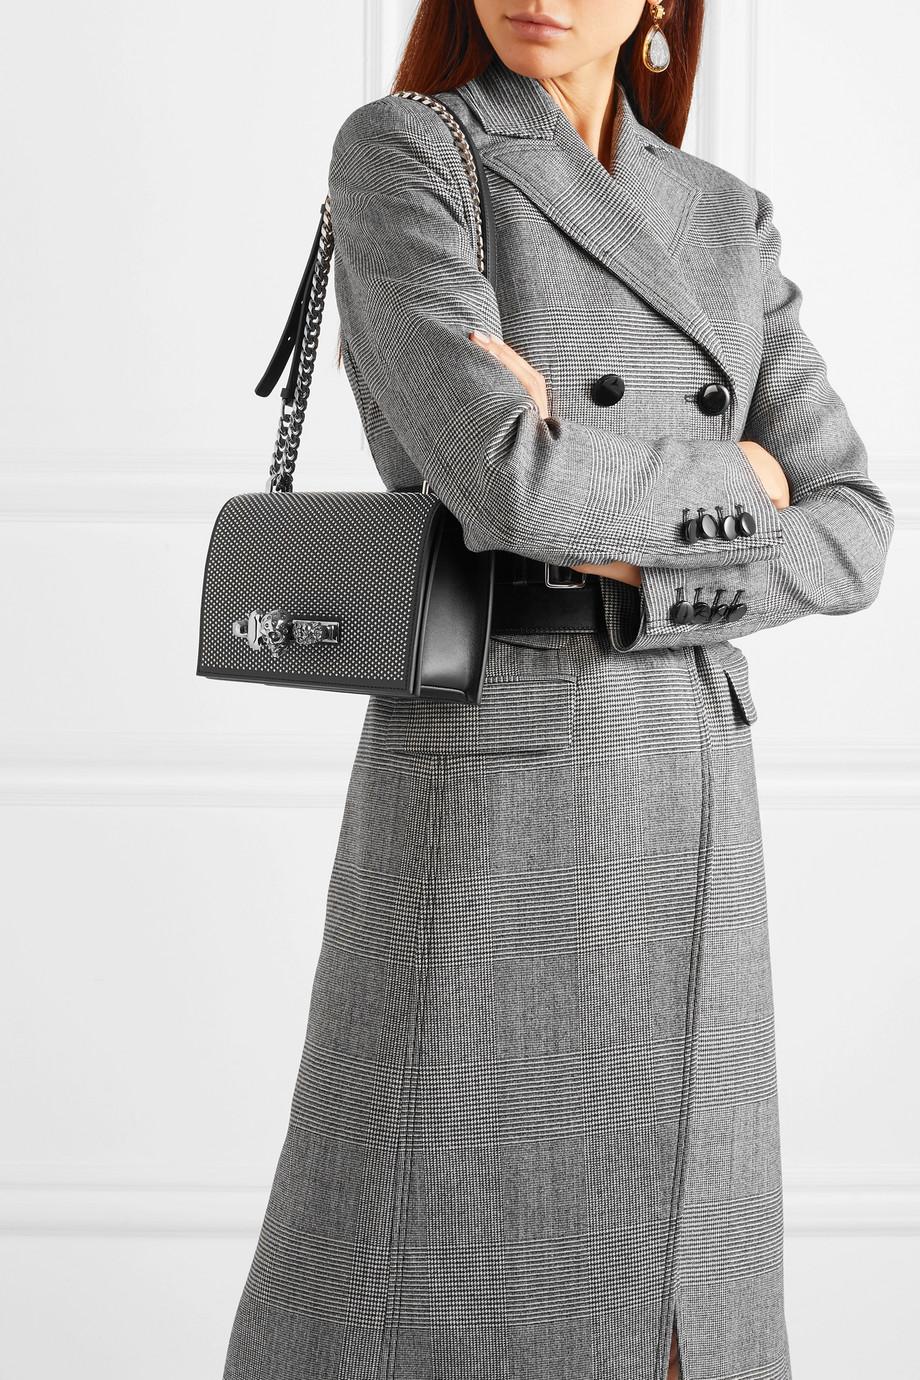 Alexander McQueen Jewelled Satchel verzierte Schultertasche aus Leder mit Nieten